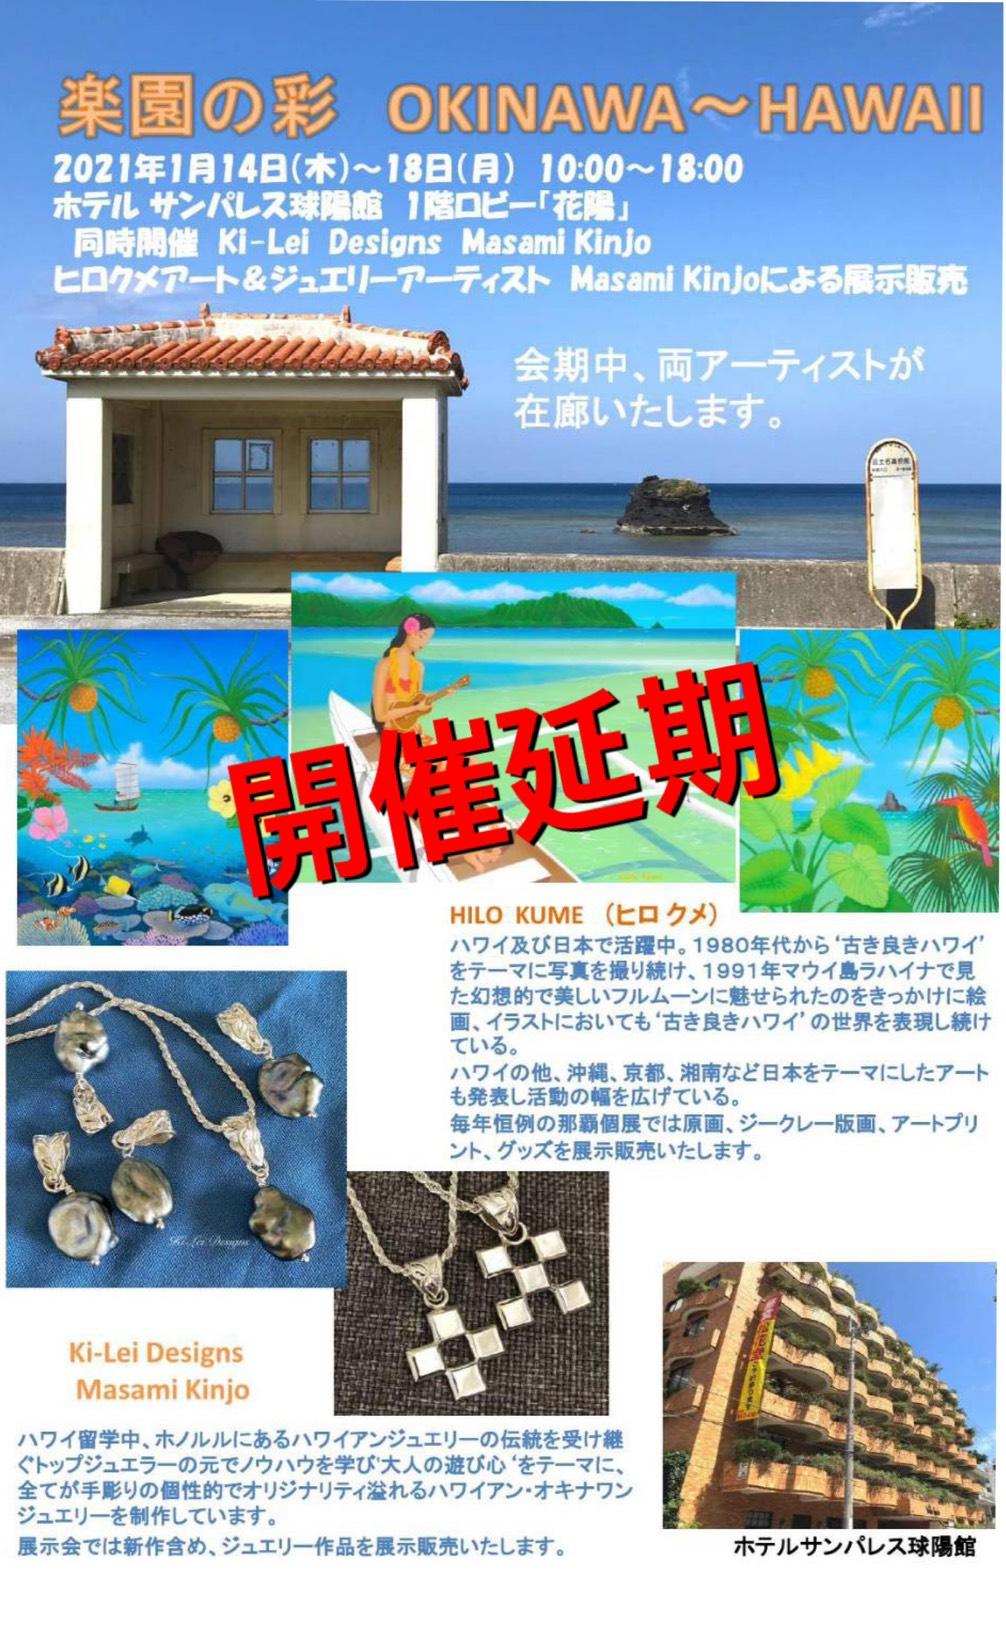 「楽園の彩 OKINAWA~HAWAII」開催延期のお知らせ